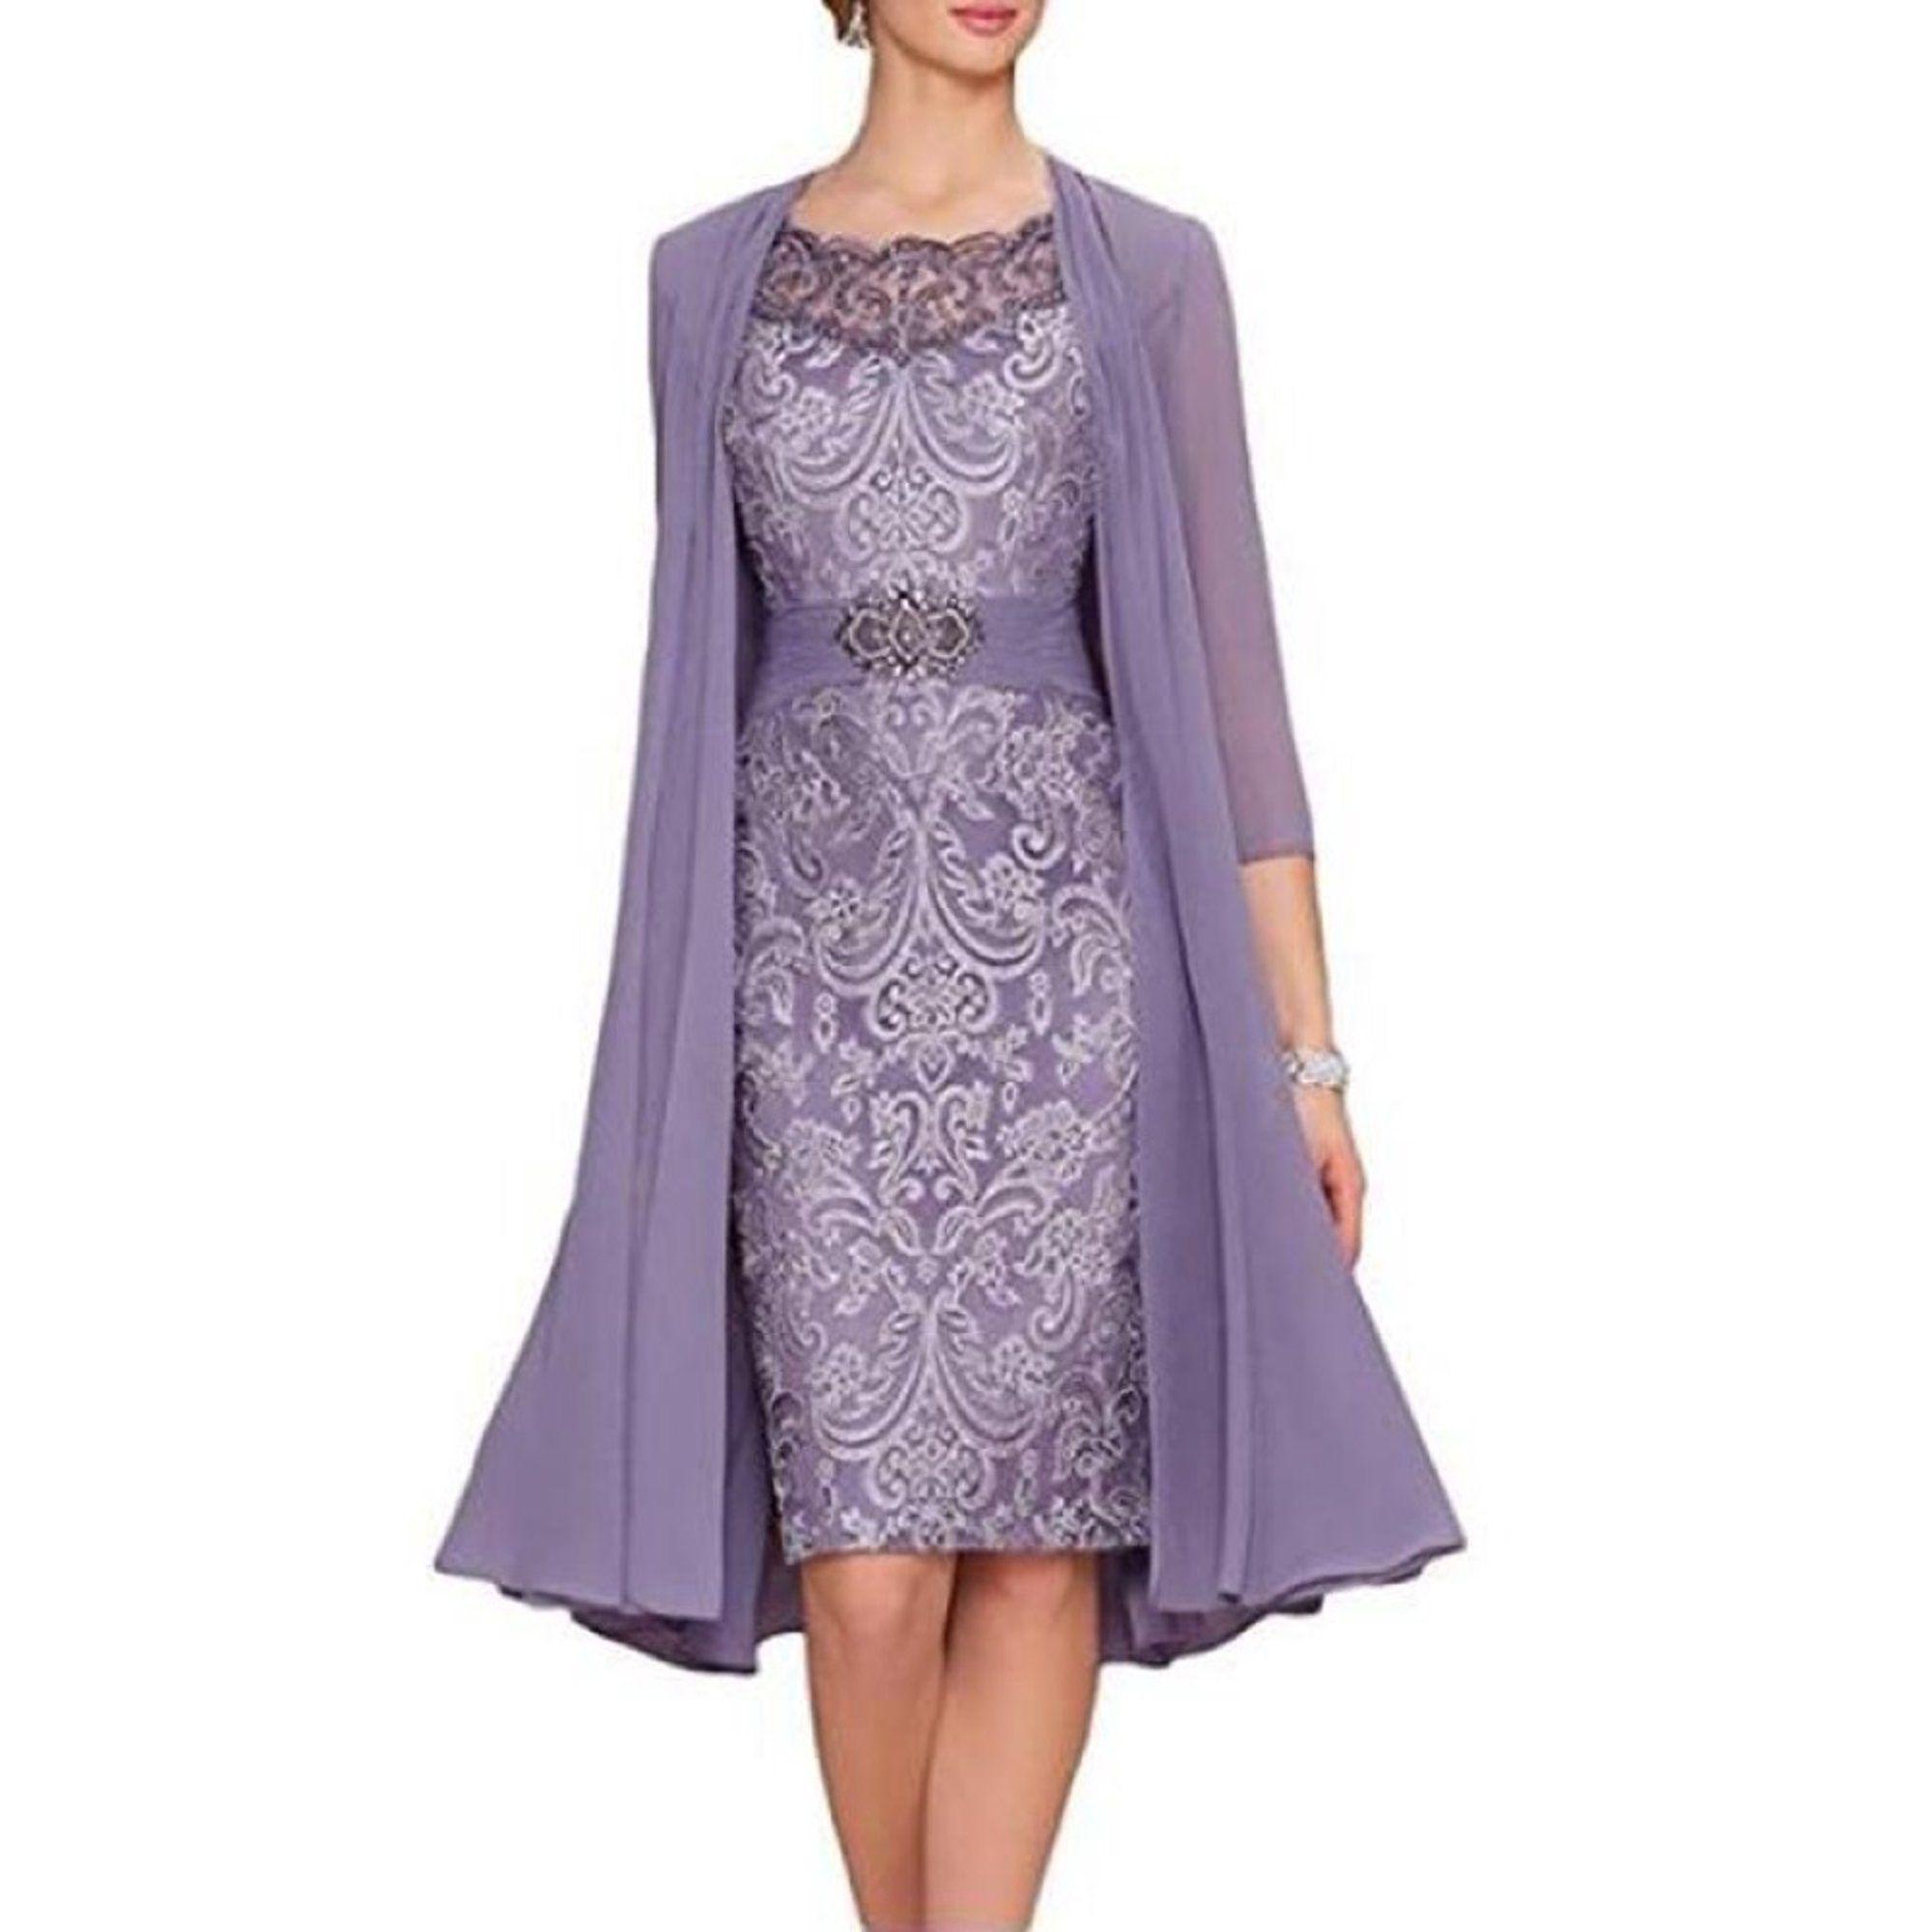 Sysea Plus Size Knee Length Women Lace Dress Walmart Com Walmart Com Bride Clothes Women Lace Dress Mothers Dresses [ 2000 x 2000 Pixel ]